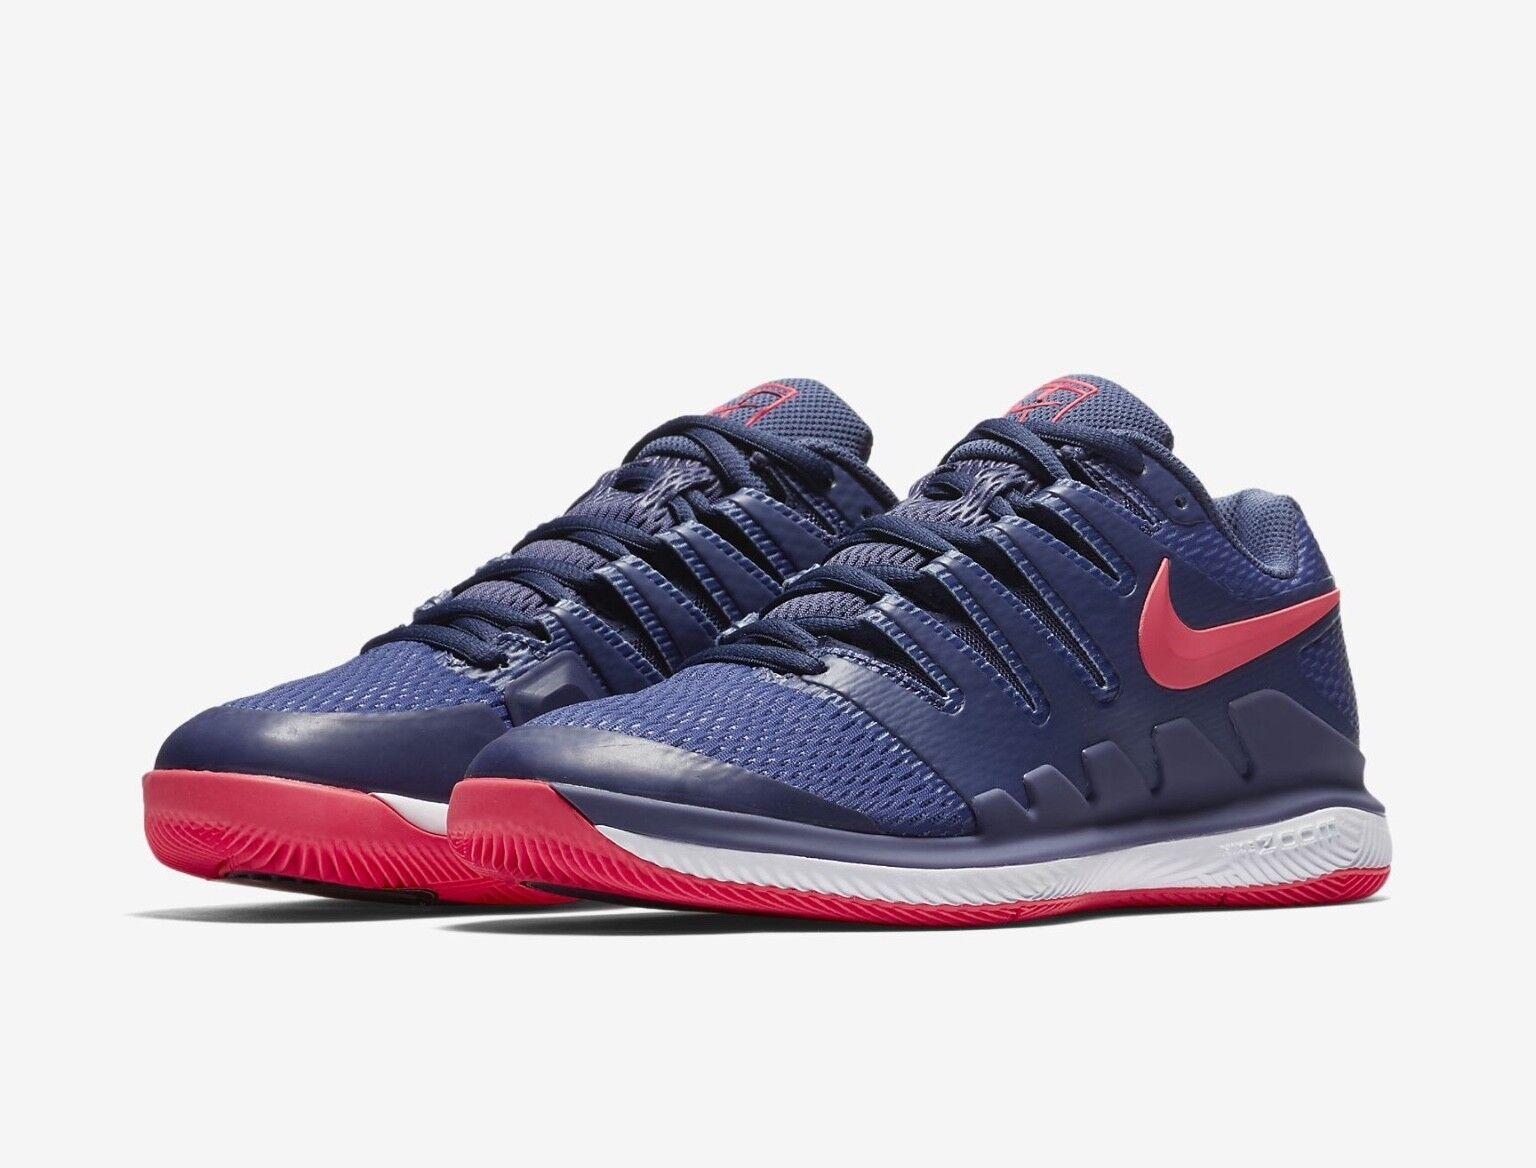 Nike Air Zoom Vapor X HC Tennis UK4.5/EU38/US7 AA8027-400 BNIB no lid UK4.5/EU38/US7 Tennis b25101